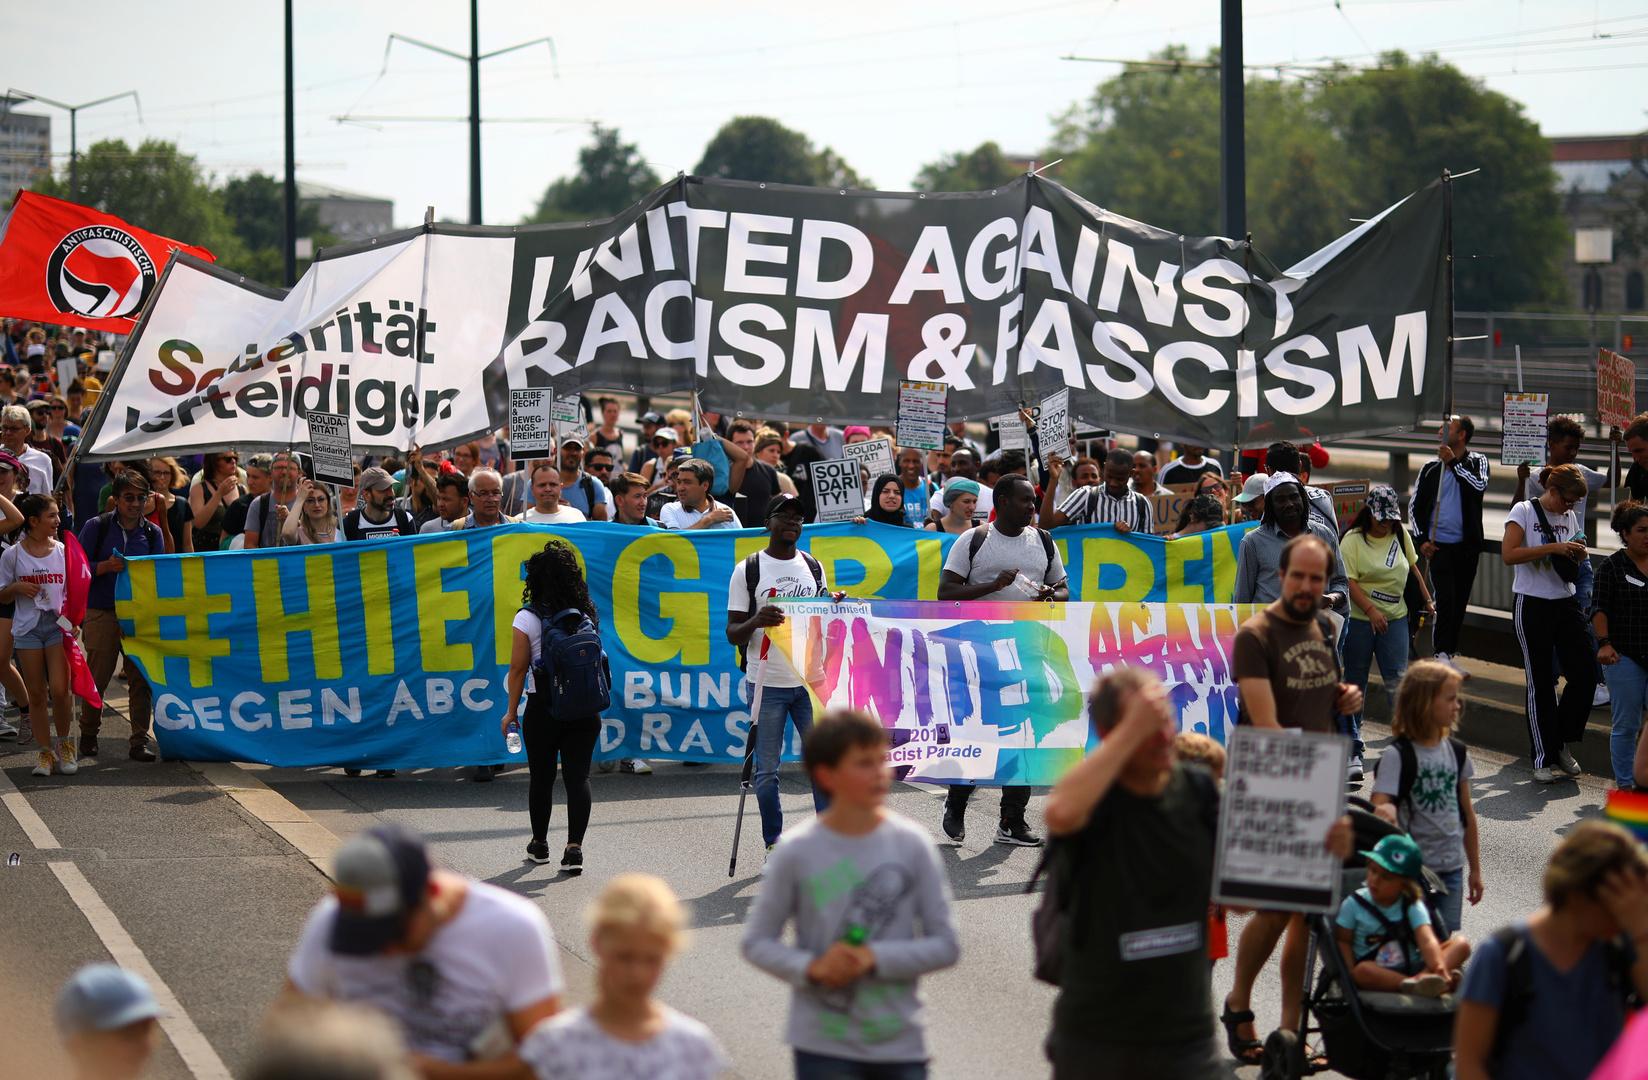 صورة أرشيفية لمظاهرات ضد العنصرية في دريسدن